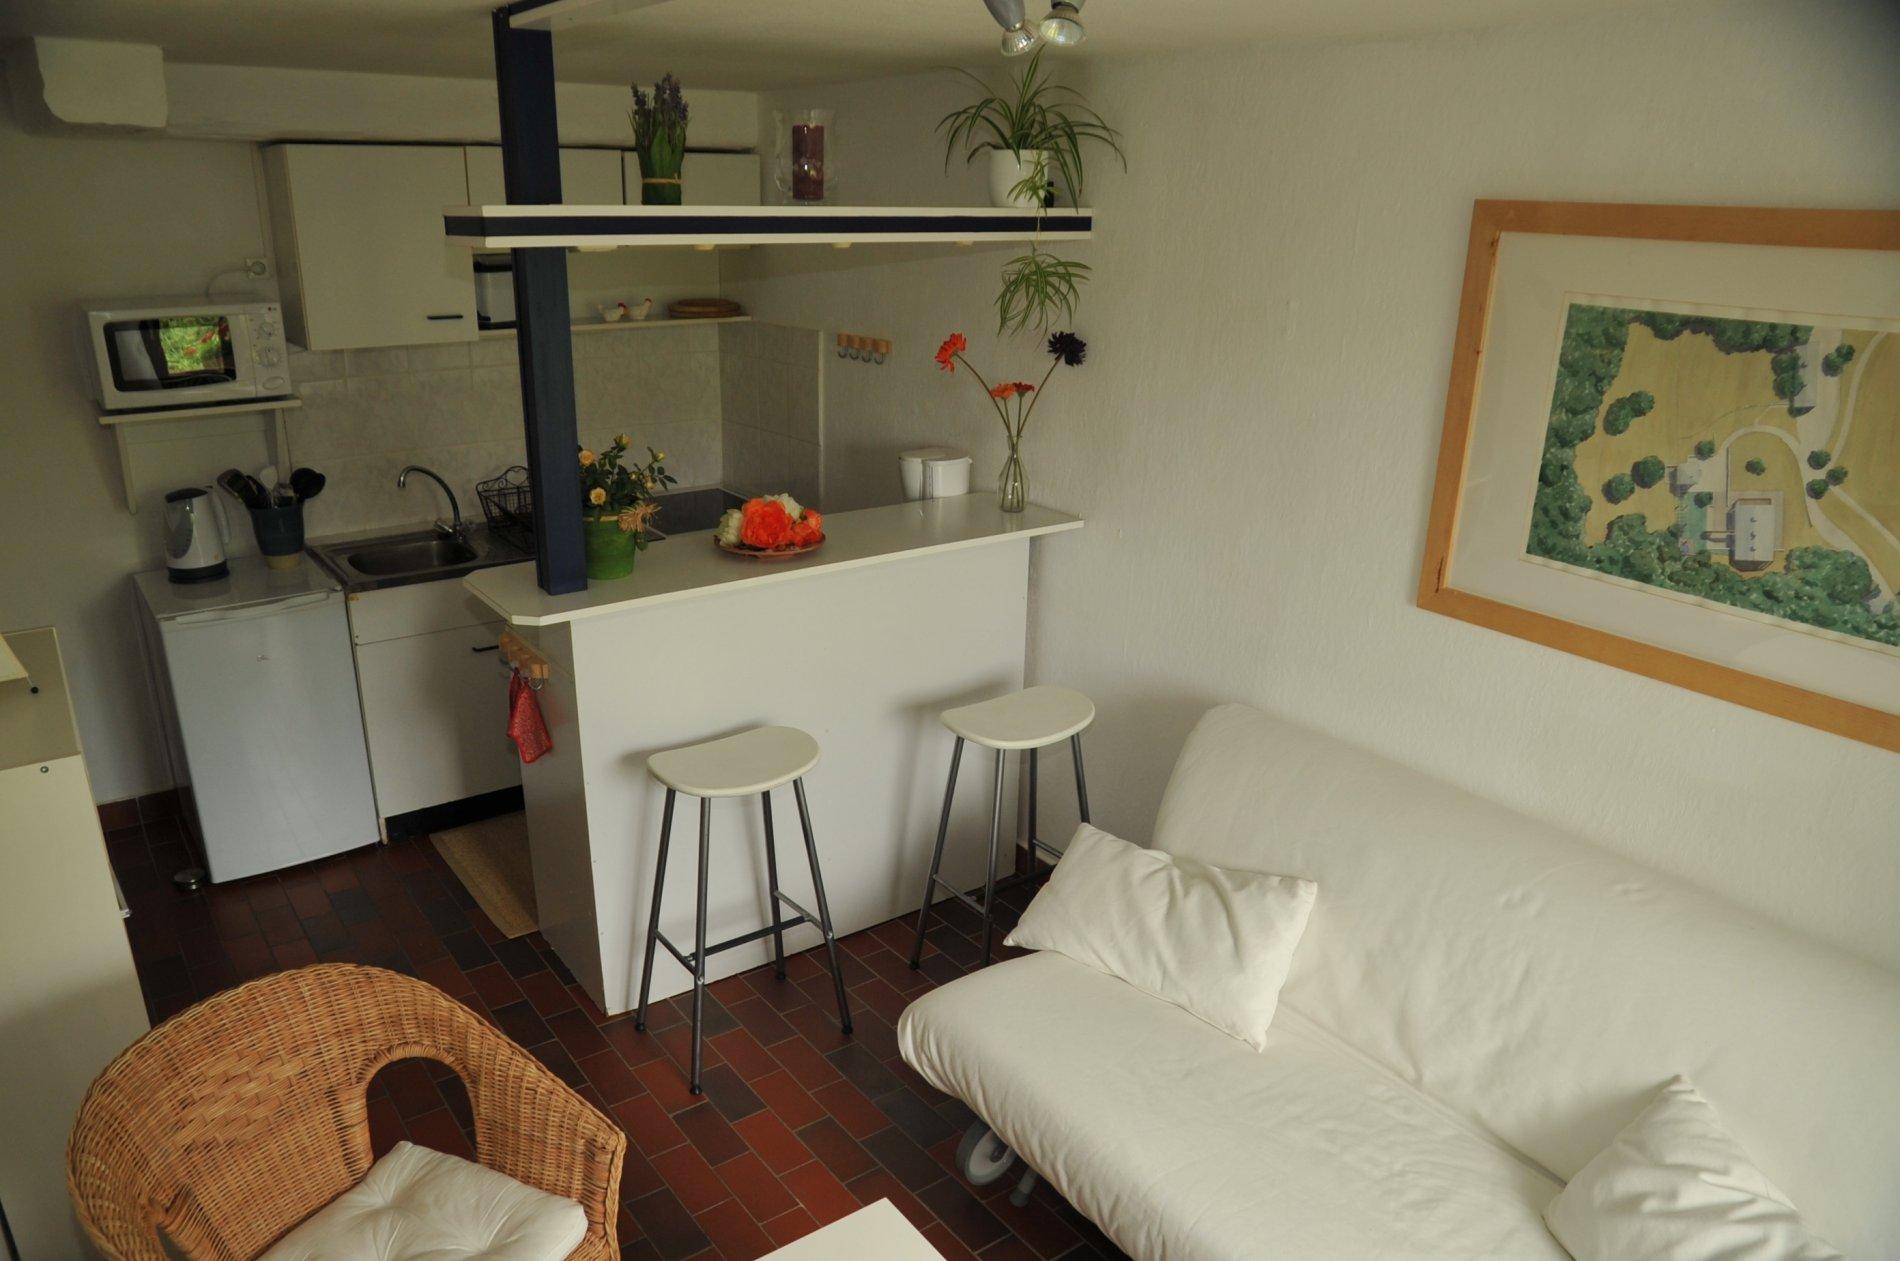 Küche und Bar mit zwei Hocker, Sofa und Sessel